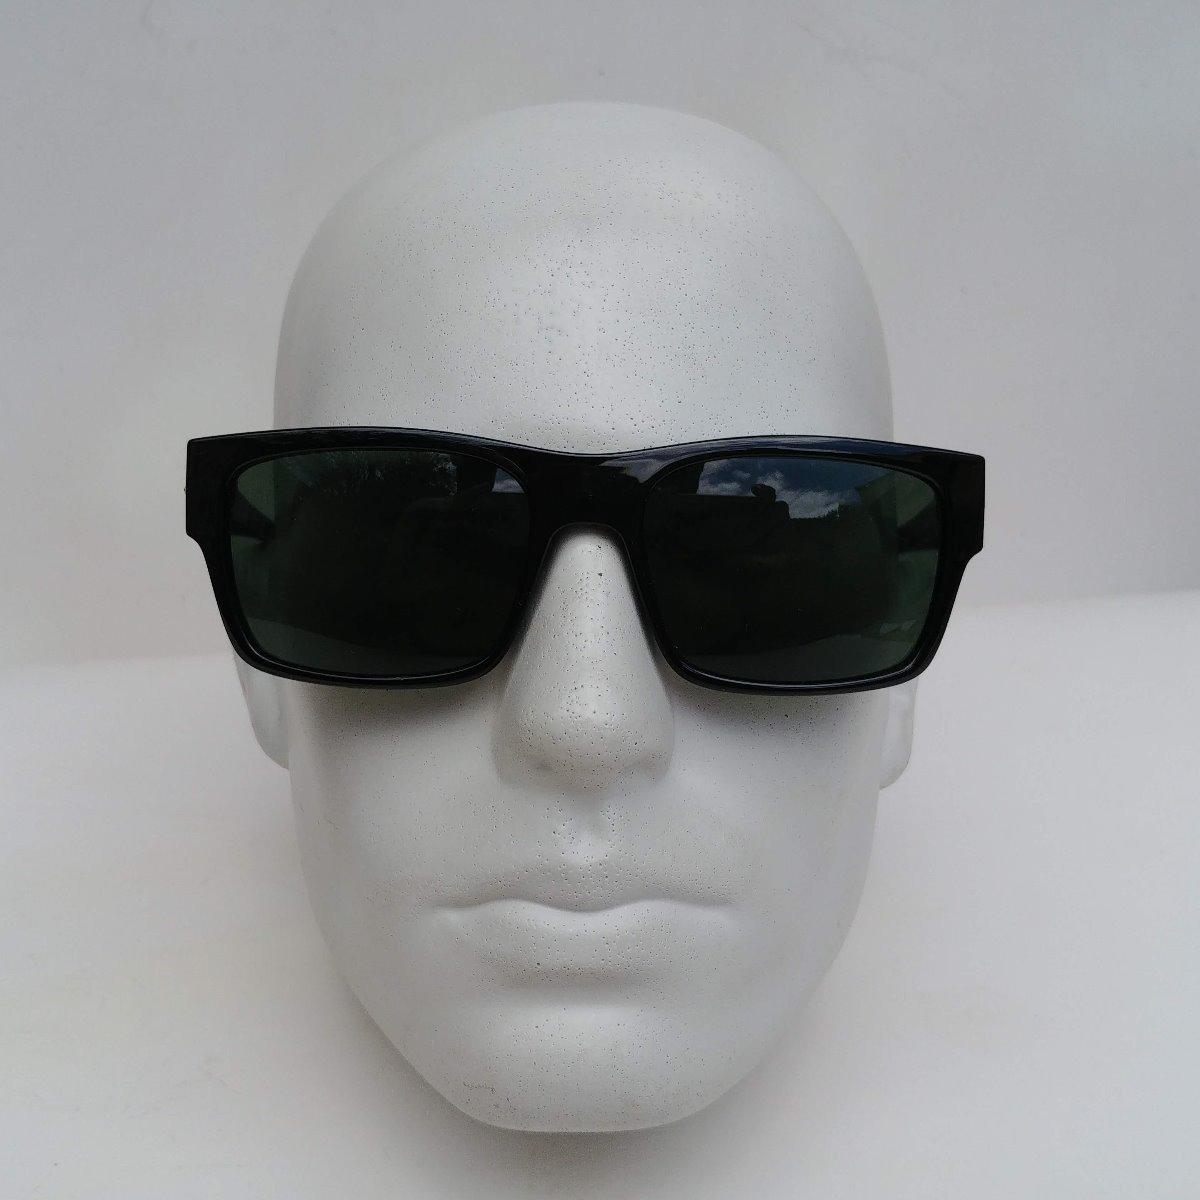 95d7c579c9626 oculos sol evoke original pouco uso legít alta qualid dispon. Carregando  zoom.